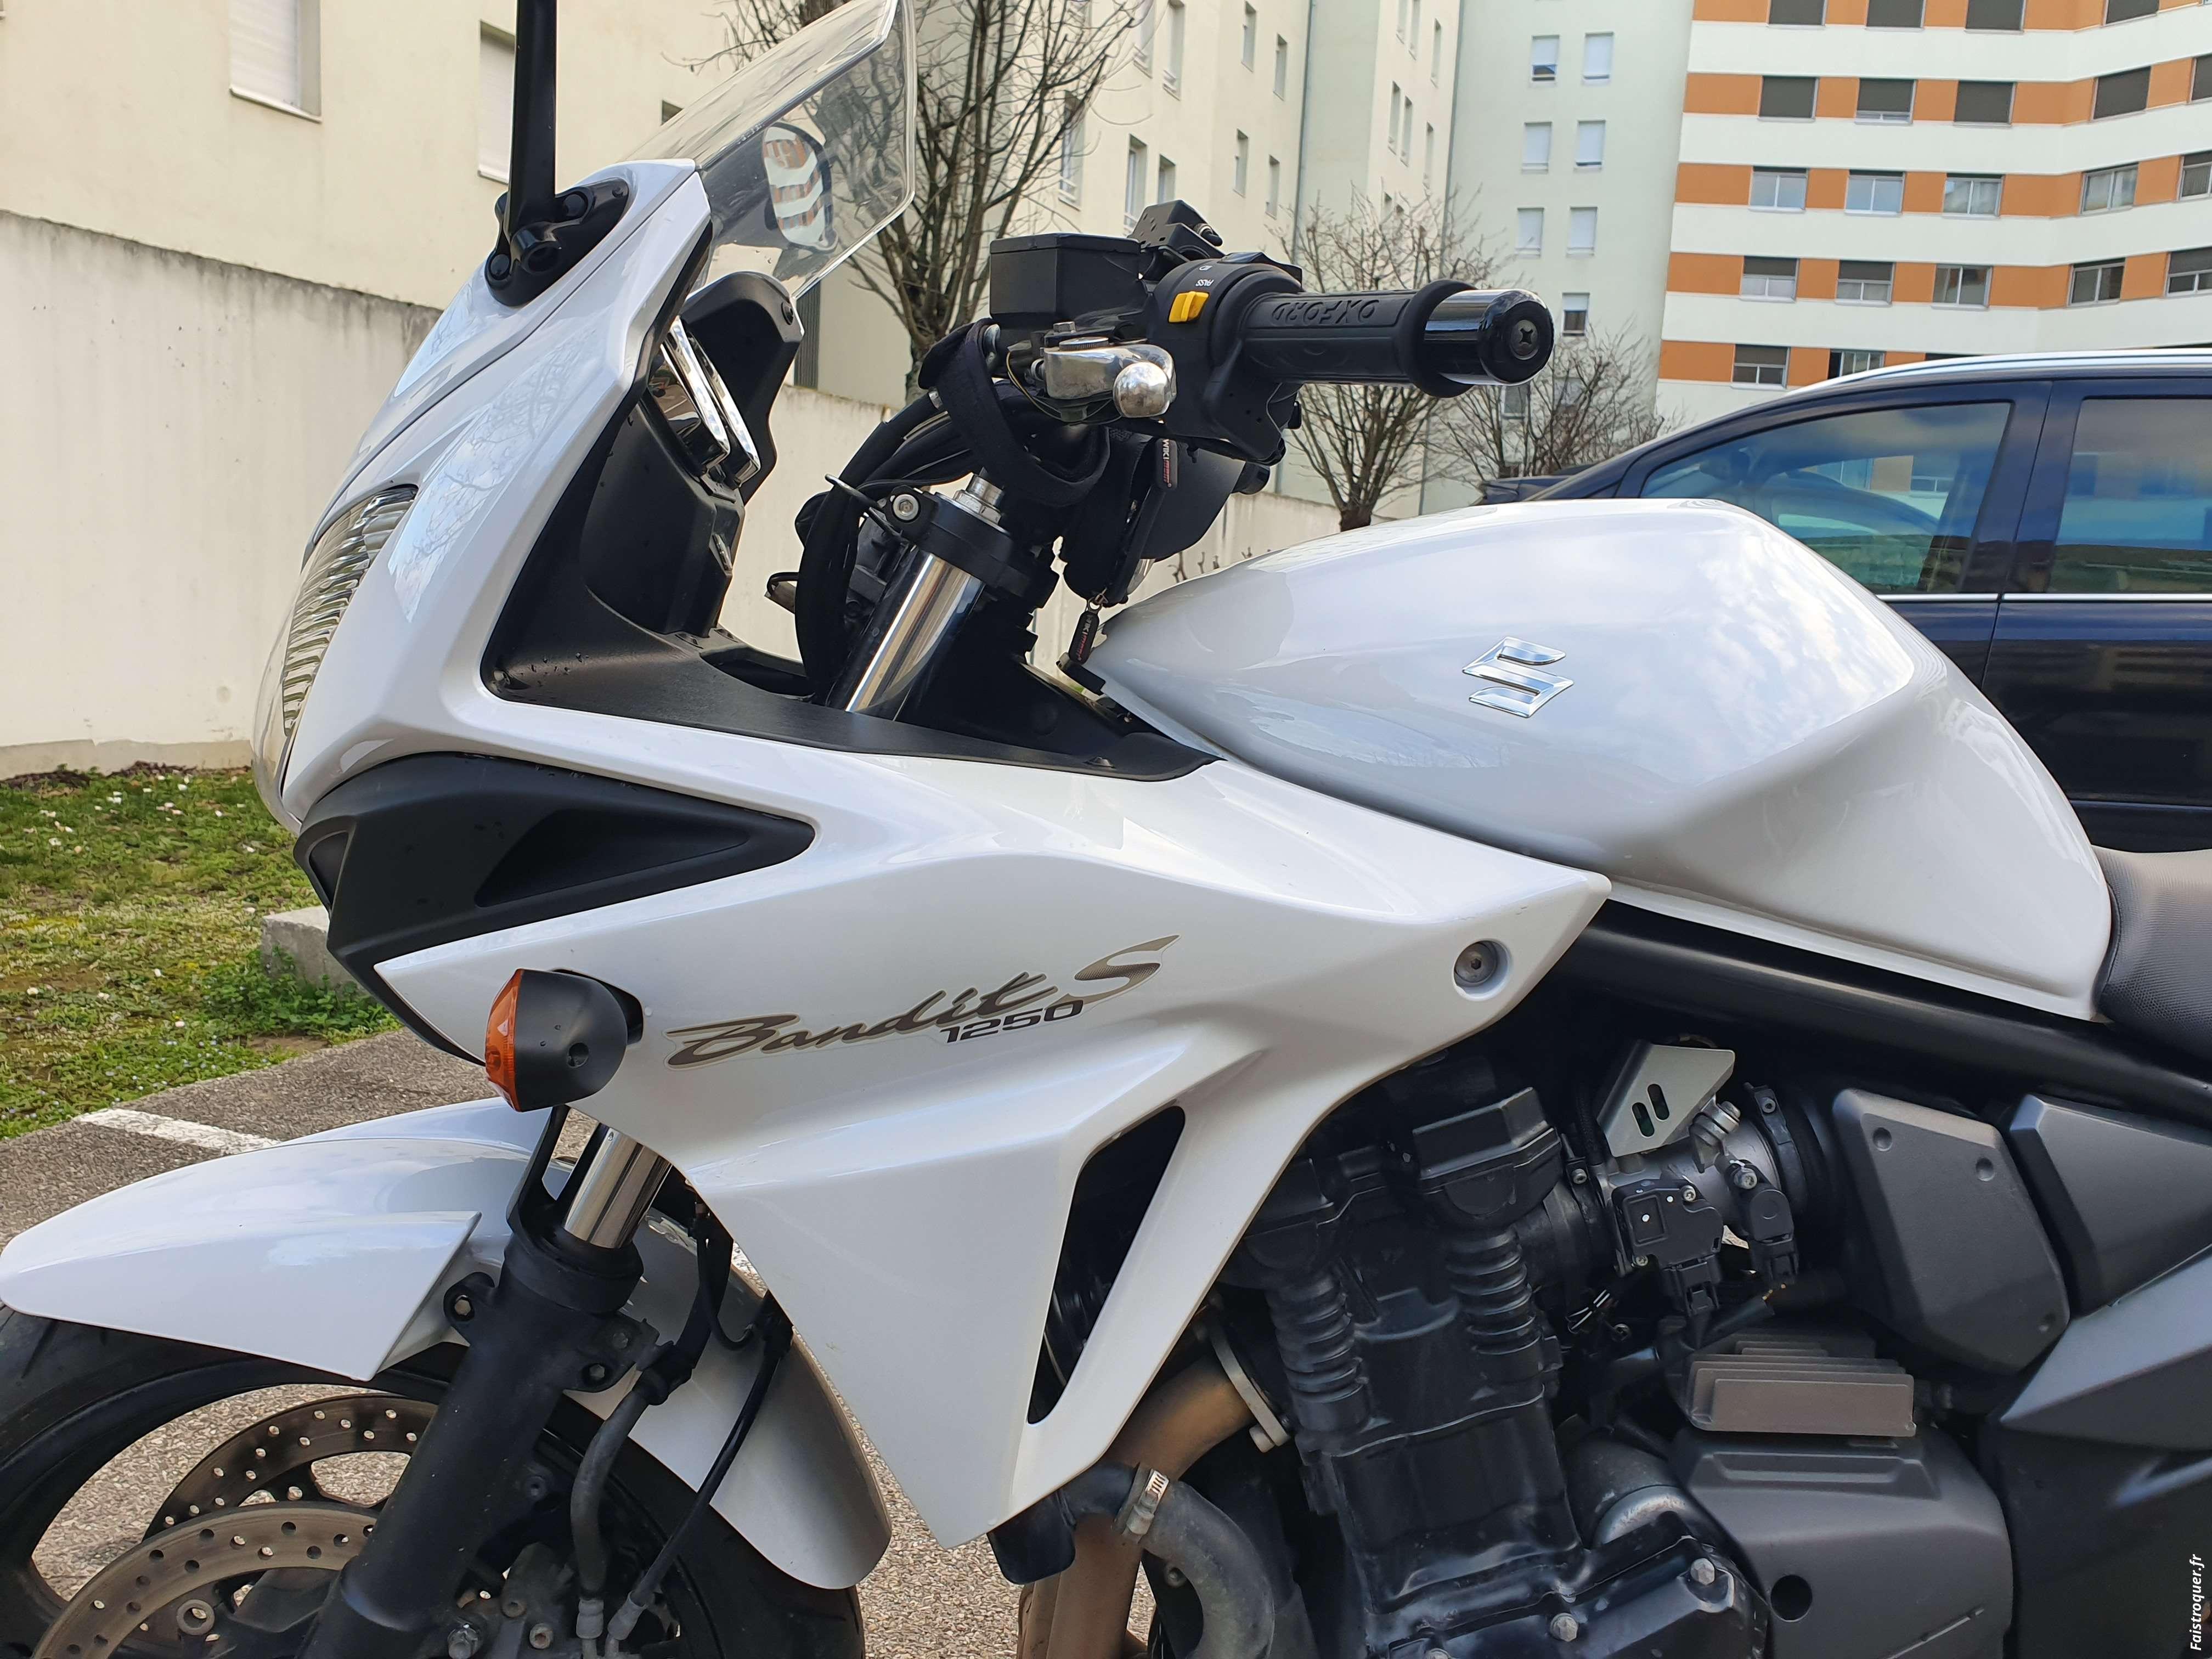 Suzuki 1250 ABS